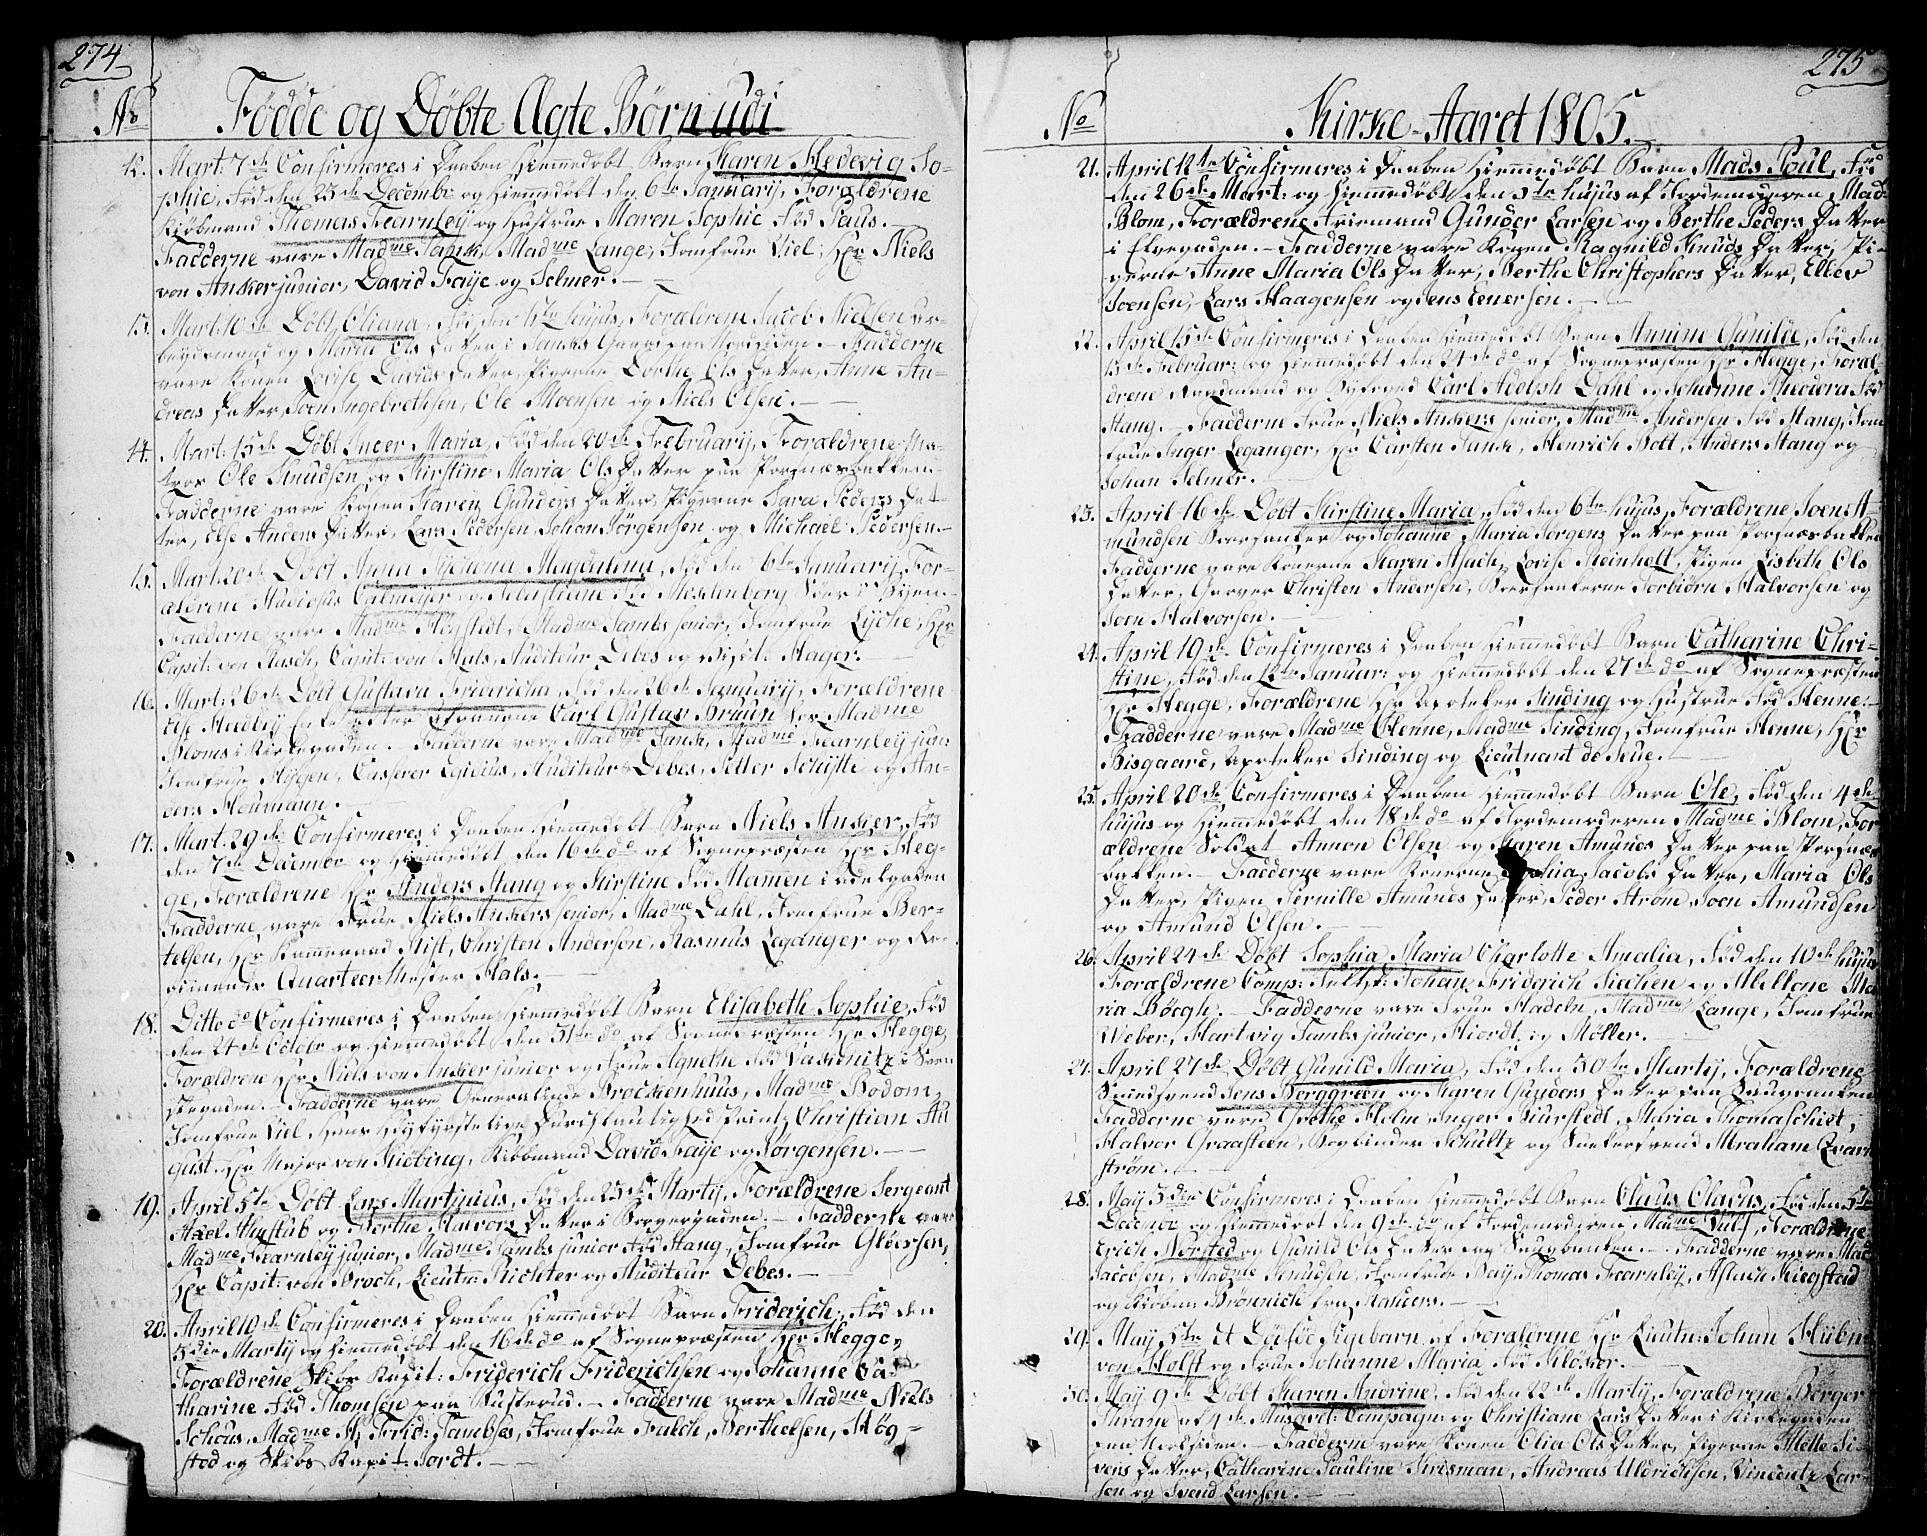 SAO, Halden prestekontor Kirkebøker, F/Fa/L0002: Ministerialbok nr. I 2, 1792-1812, s. 274-275